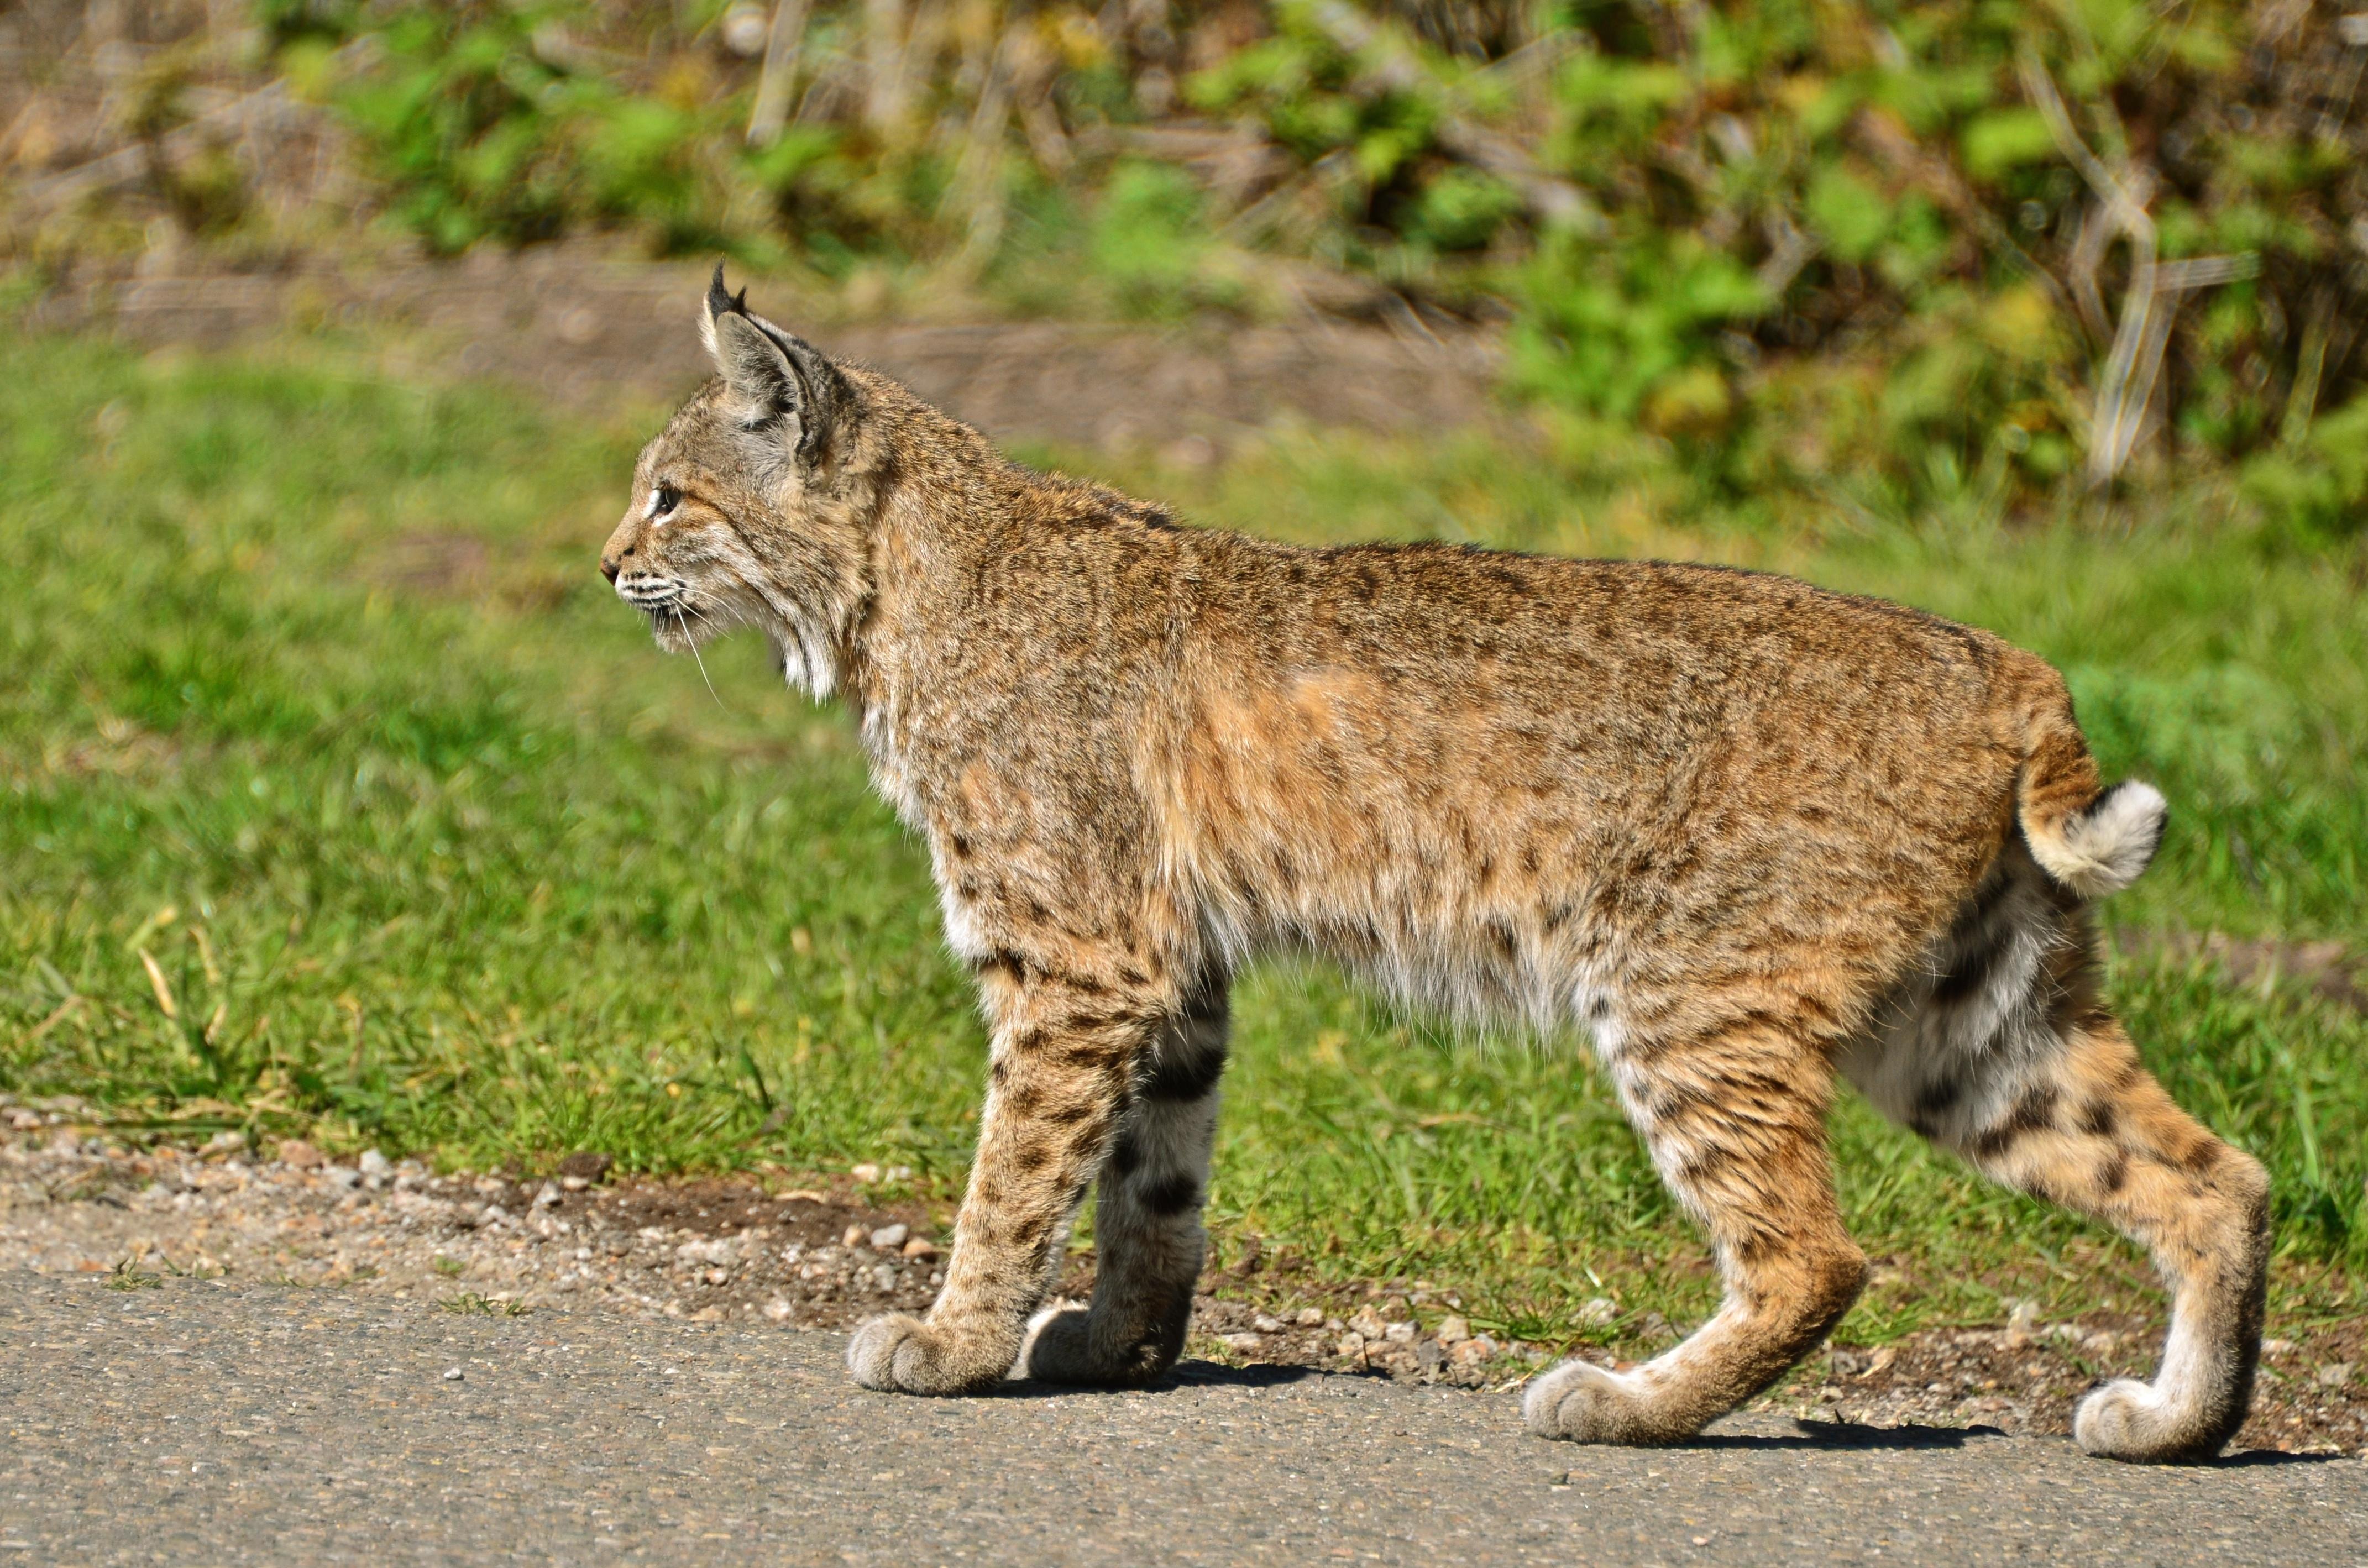 Bobcat Size Vs House Cat